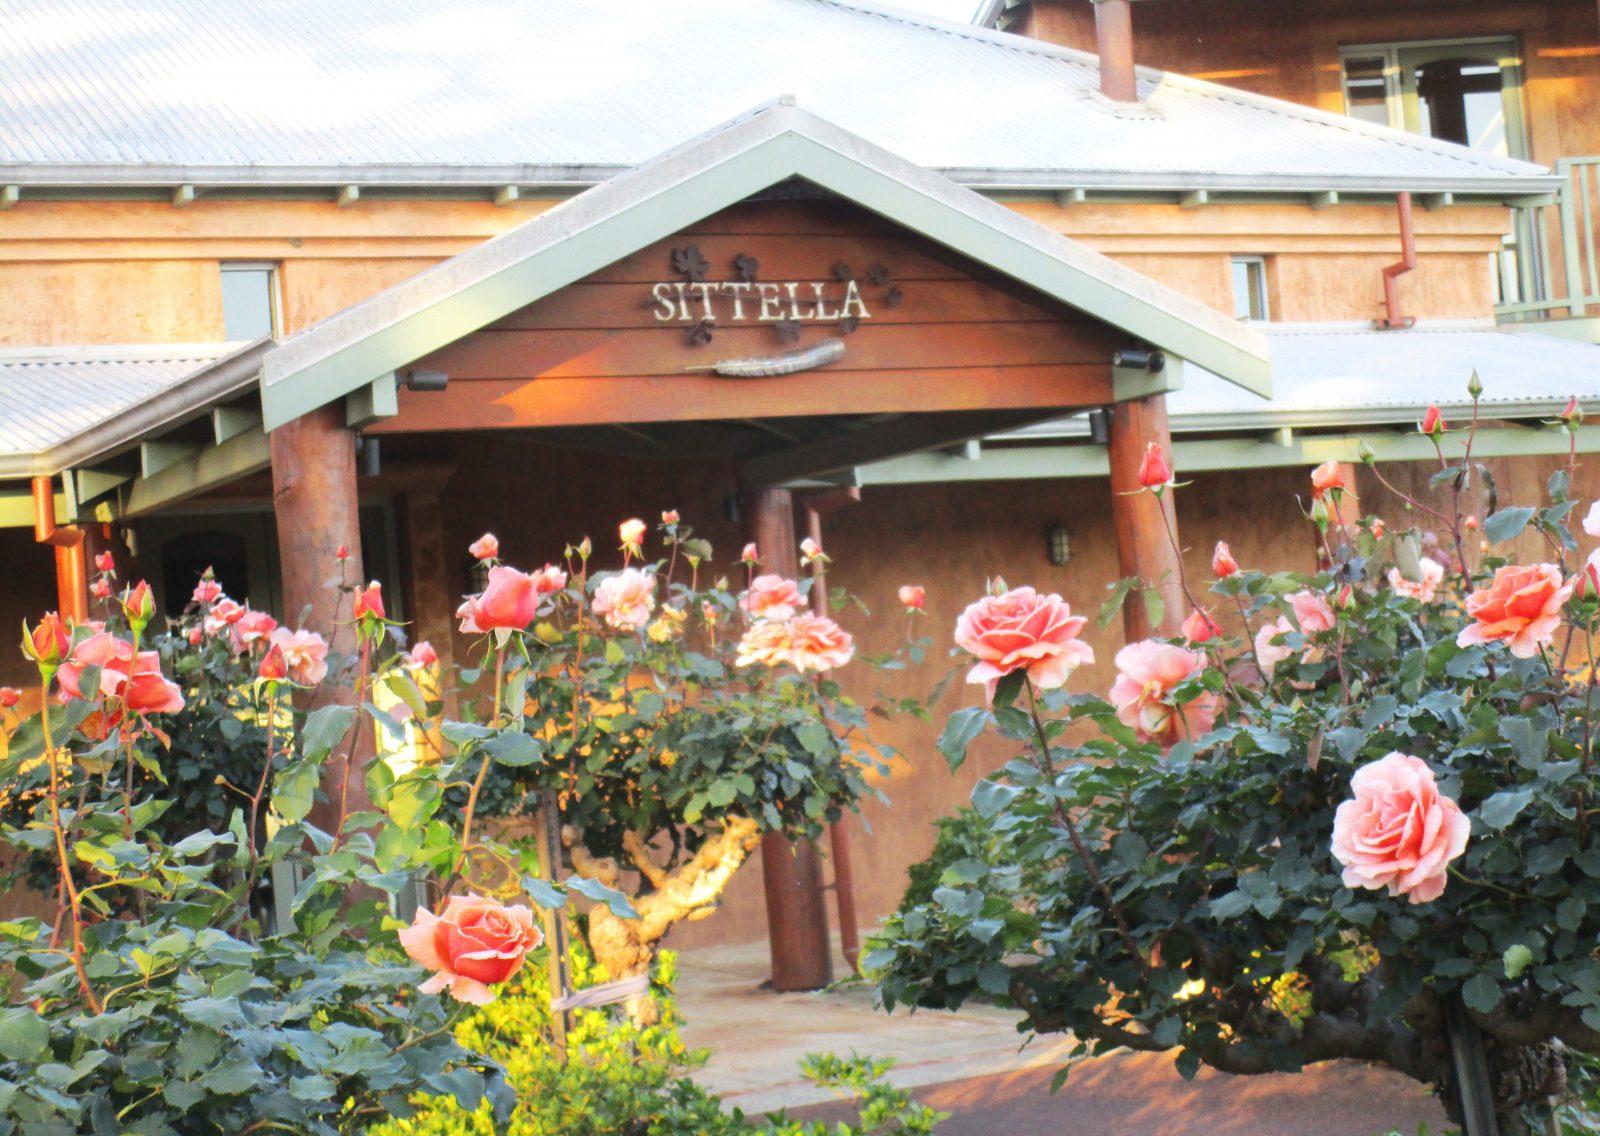 Sittella Winery & Restaurant, Herne Hill, Western Australia